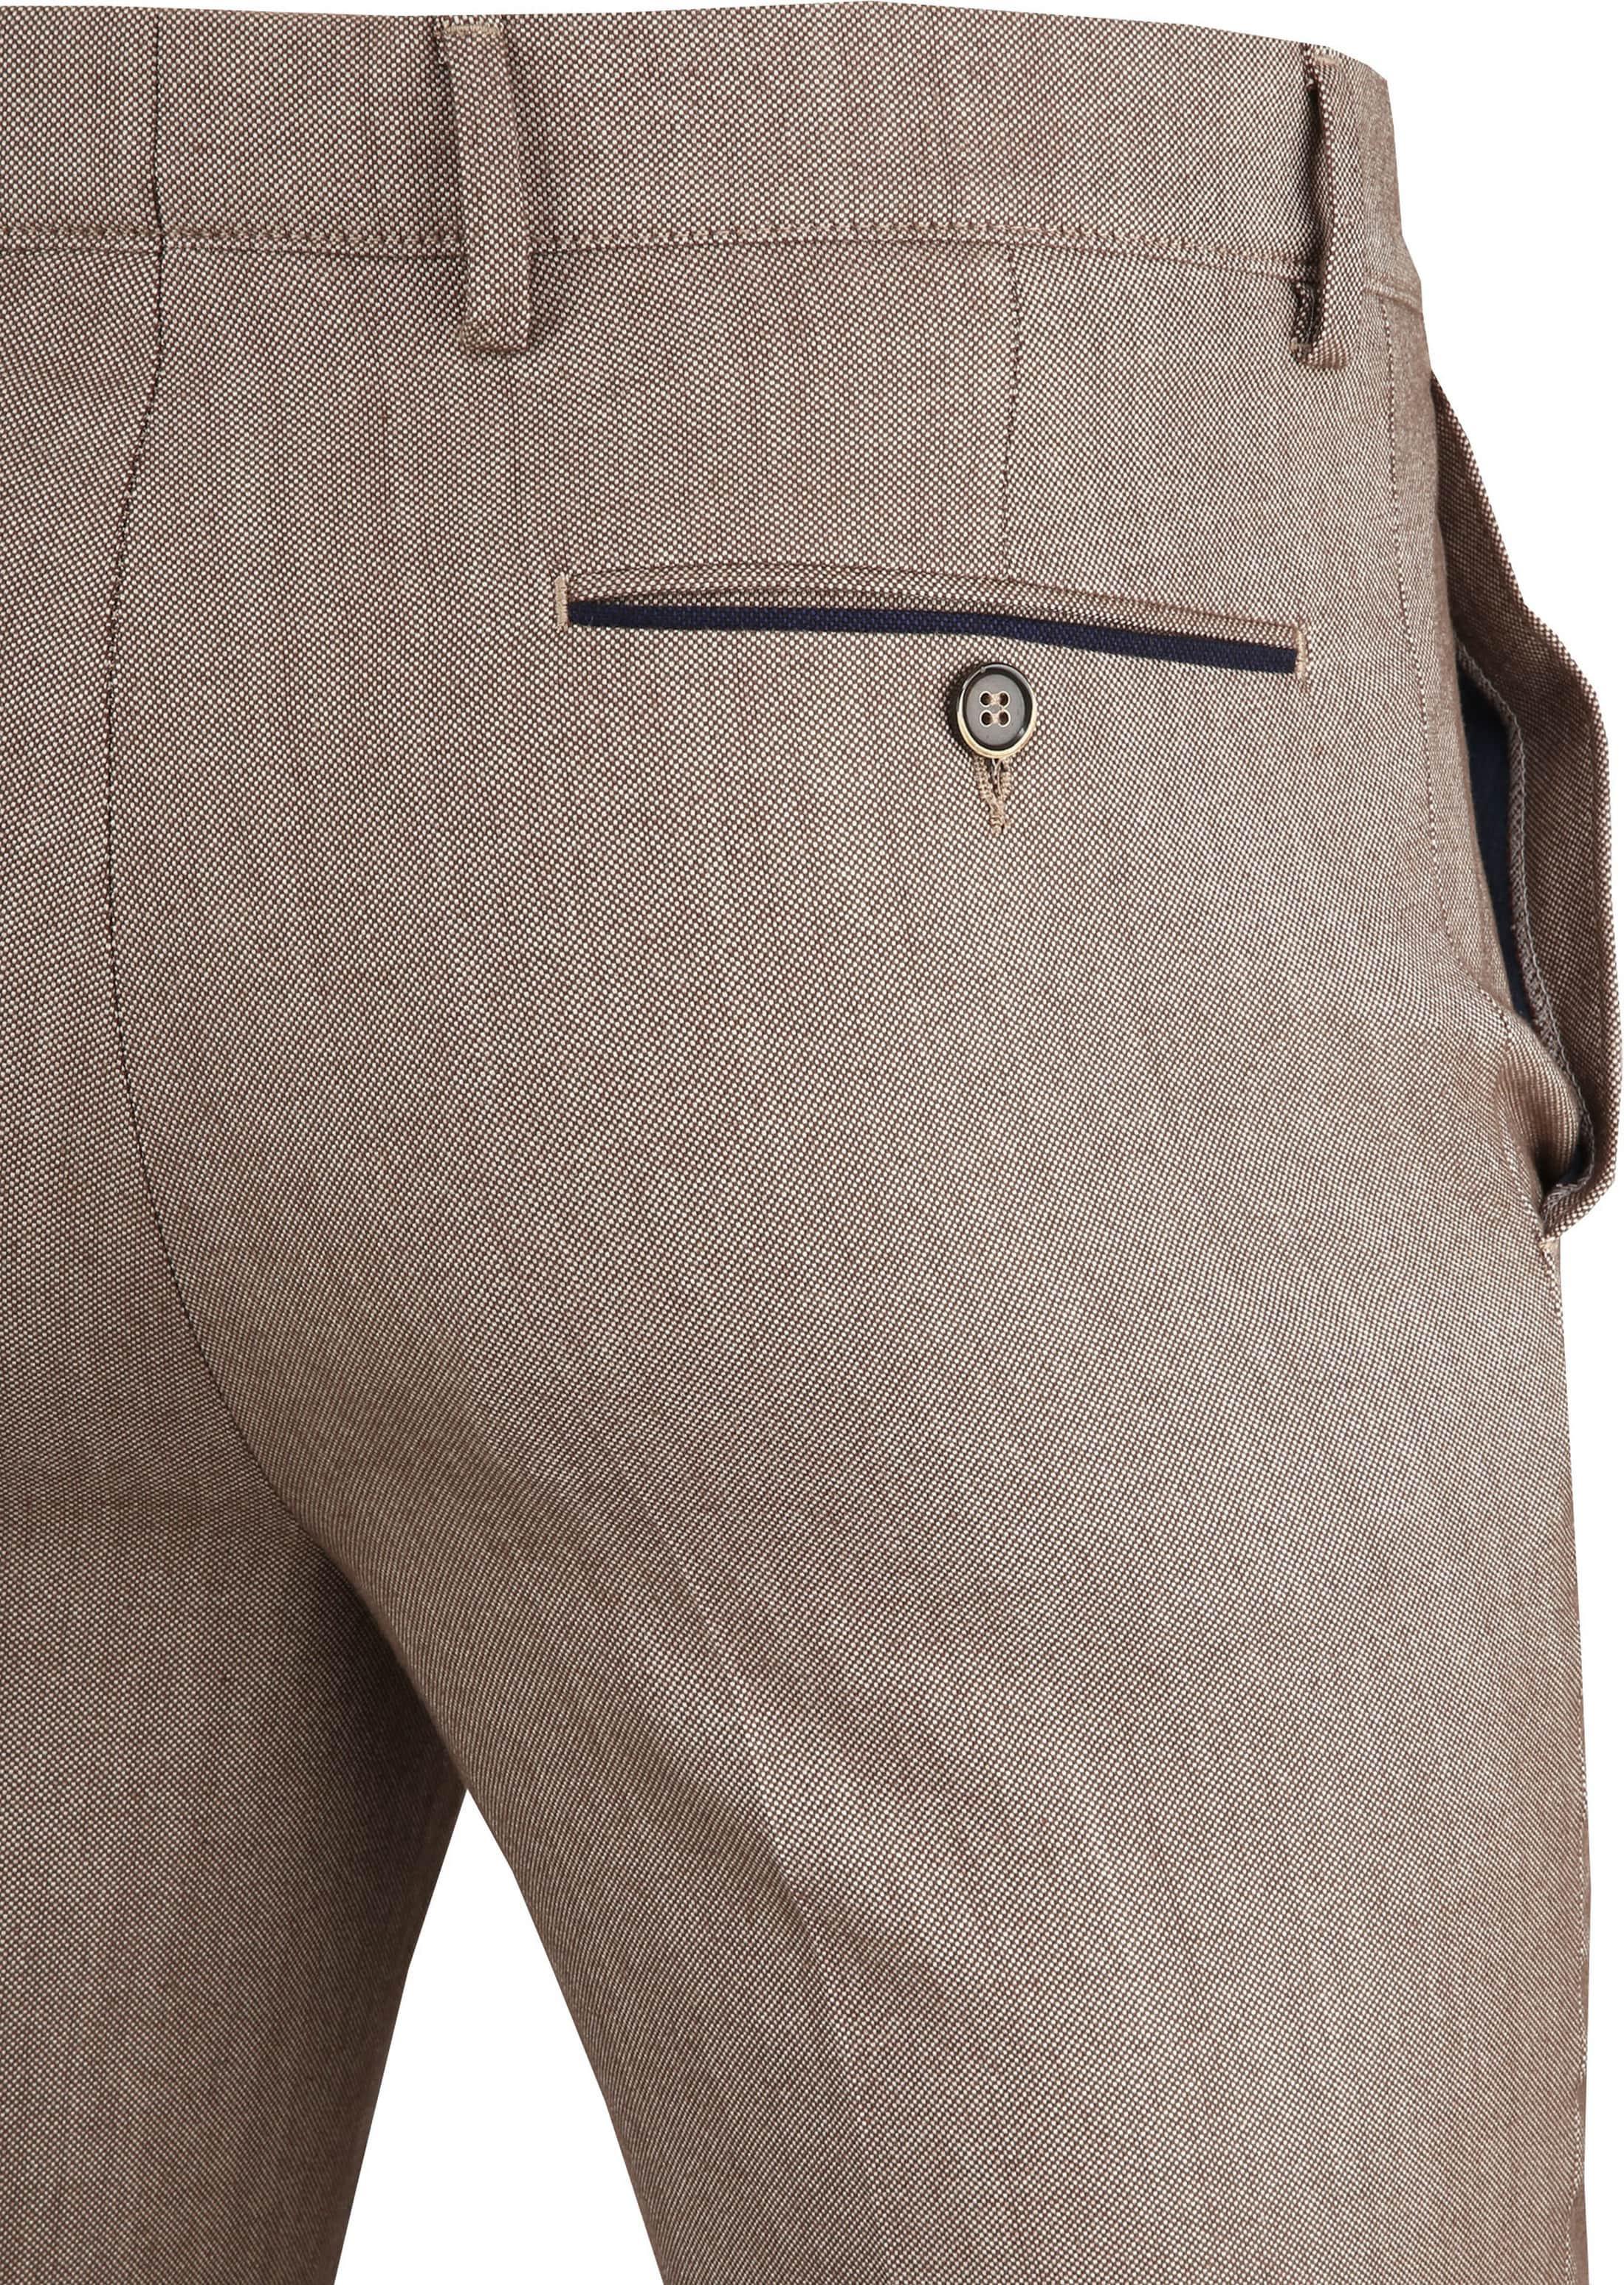 Suitable Premium Pants Rimini Brown foto 3